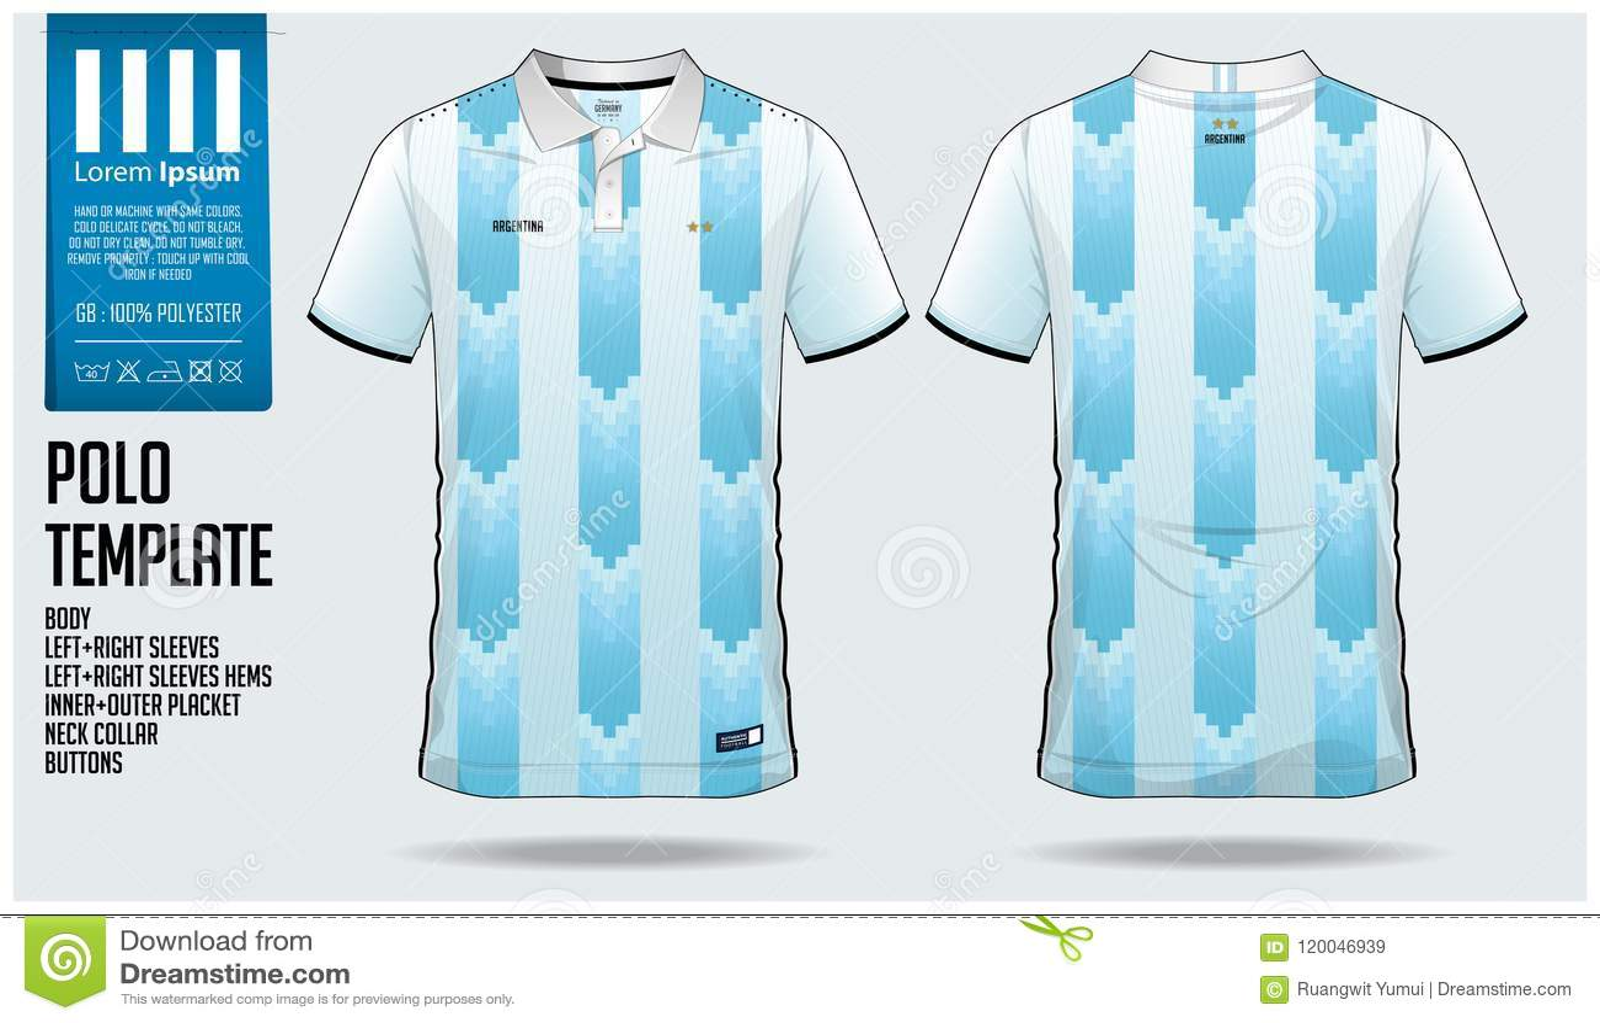 Diseño De La Plantilla Del Deporte De La Camiseta De La Argentina Team Polo Para El Jersey De Fútbol El Equipo Del Fútbol O El S Ilustración Del Vector Ilustración De